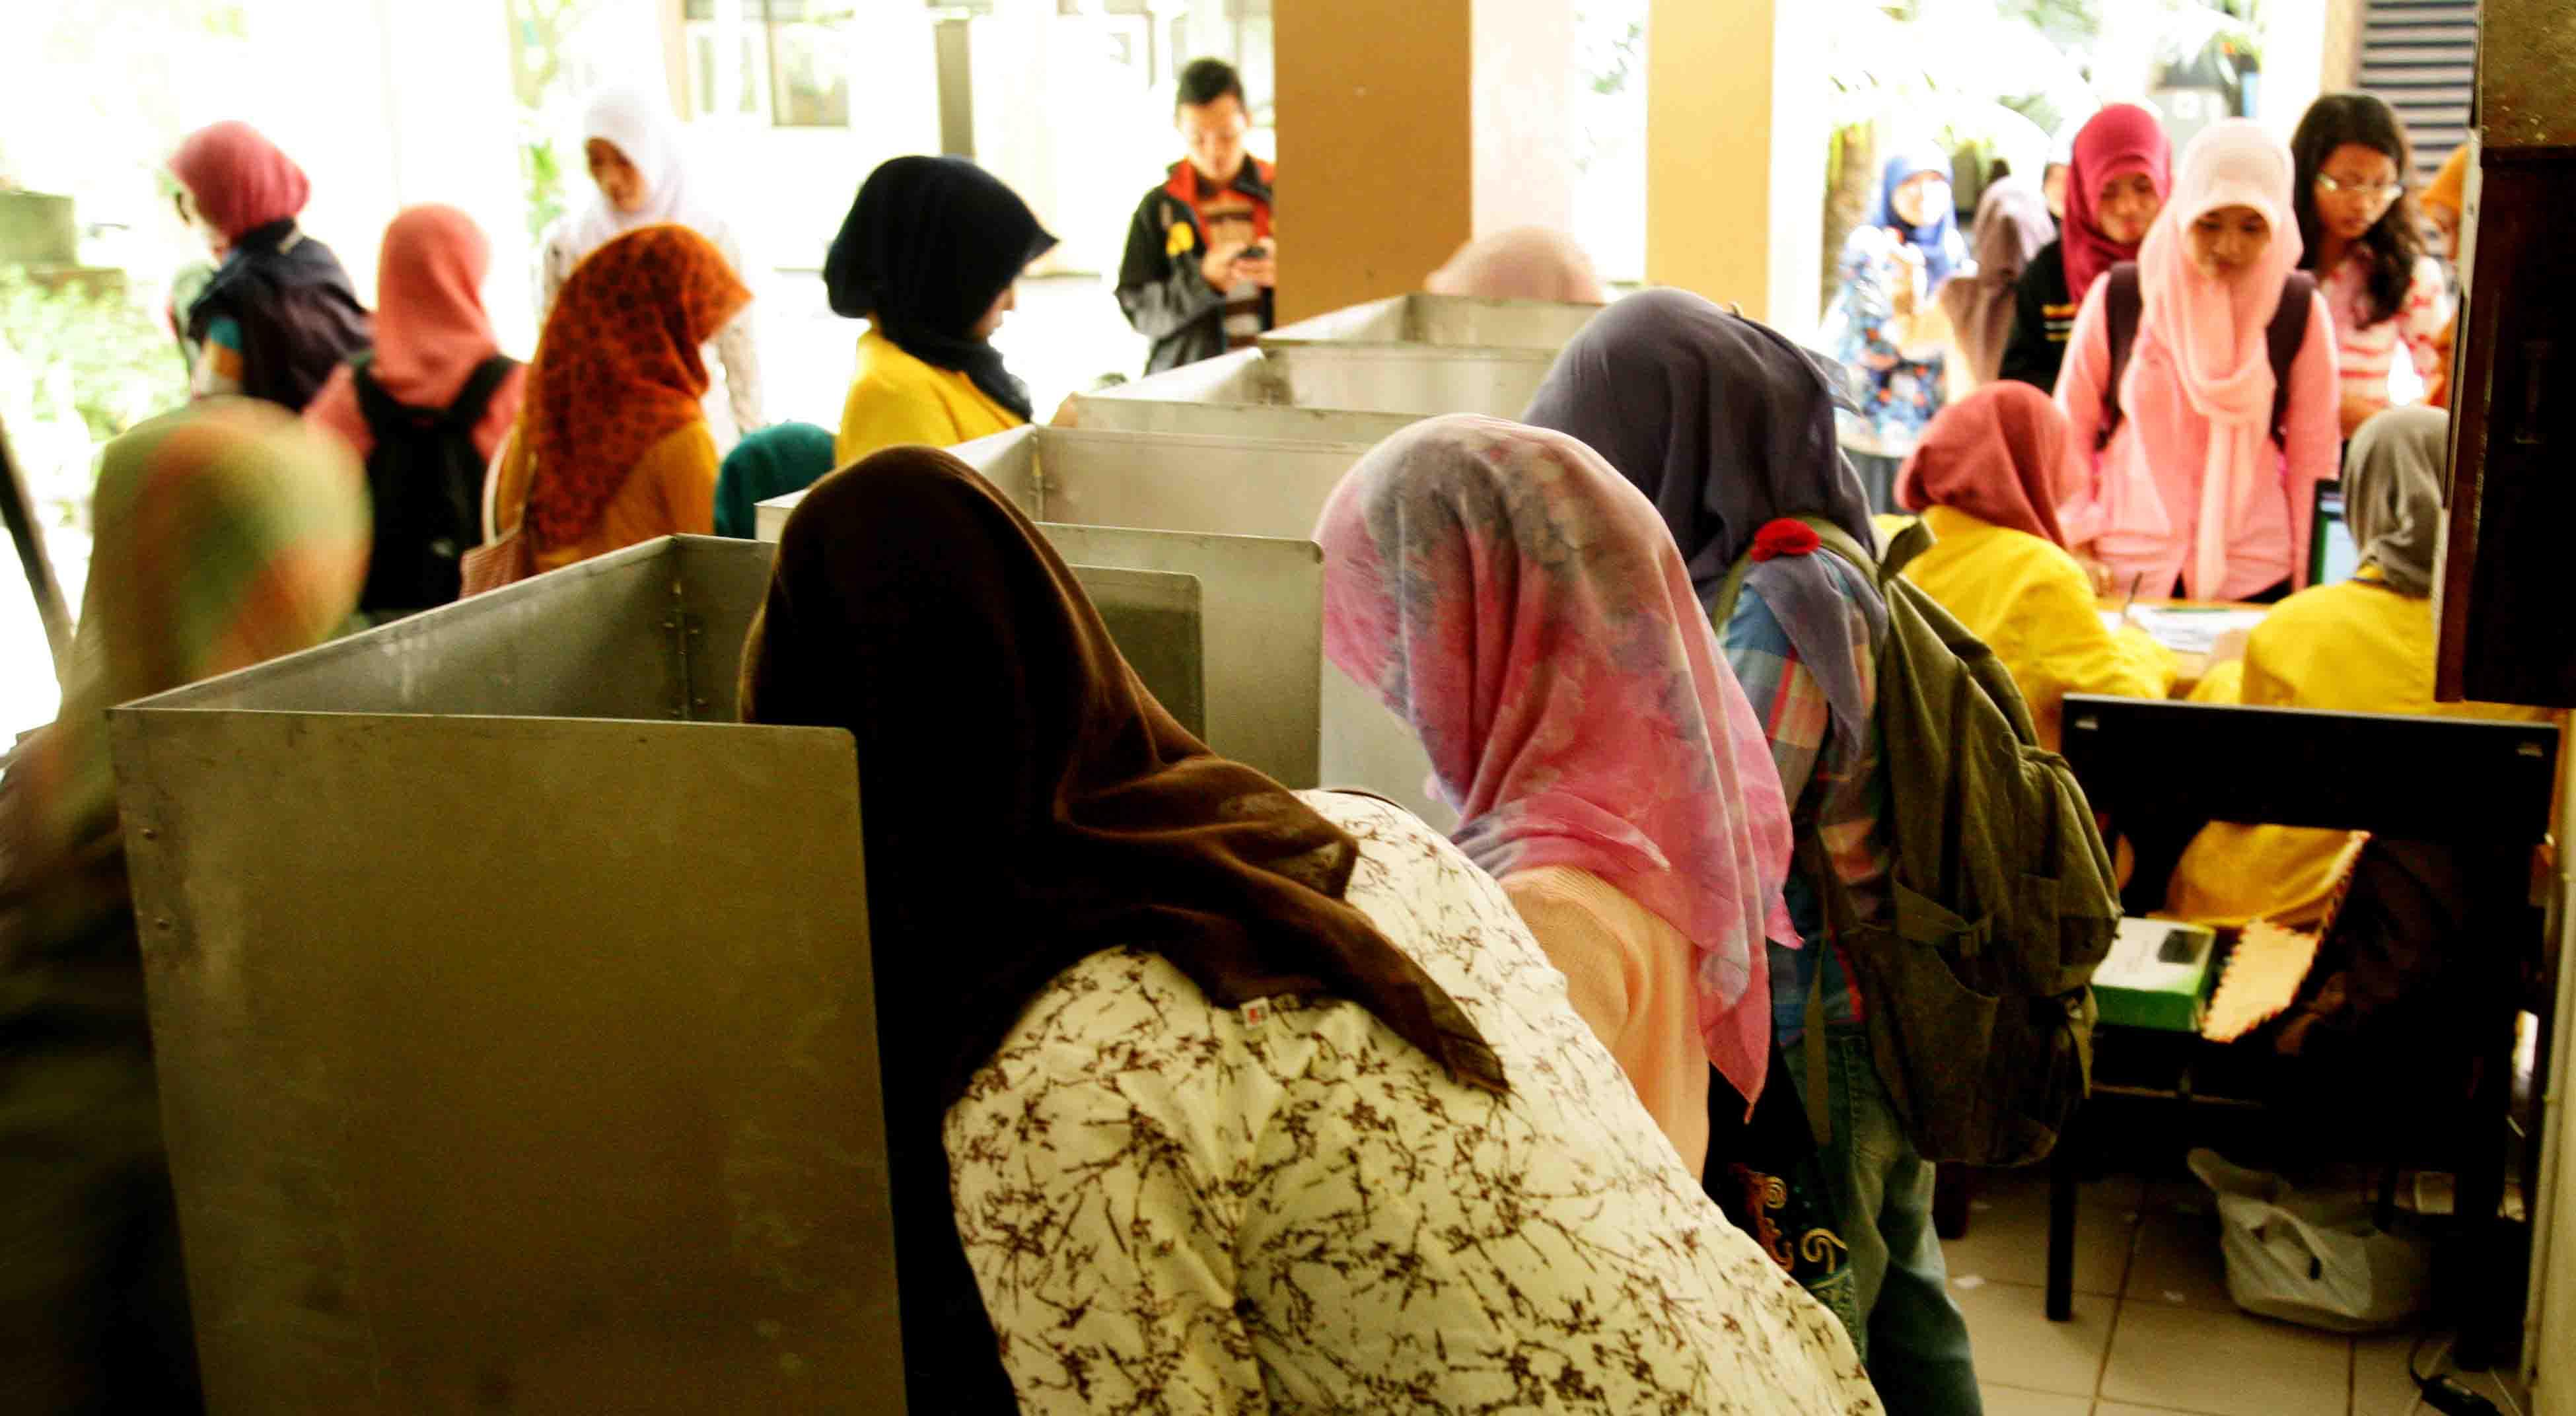 Hari Ini Pemilihan Presiden Mahasiswa, KPU Siapkan 25 TPS